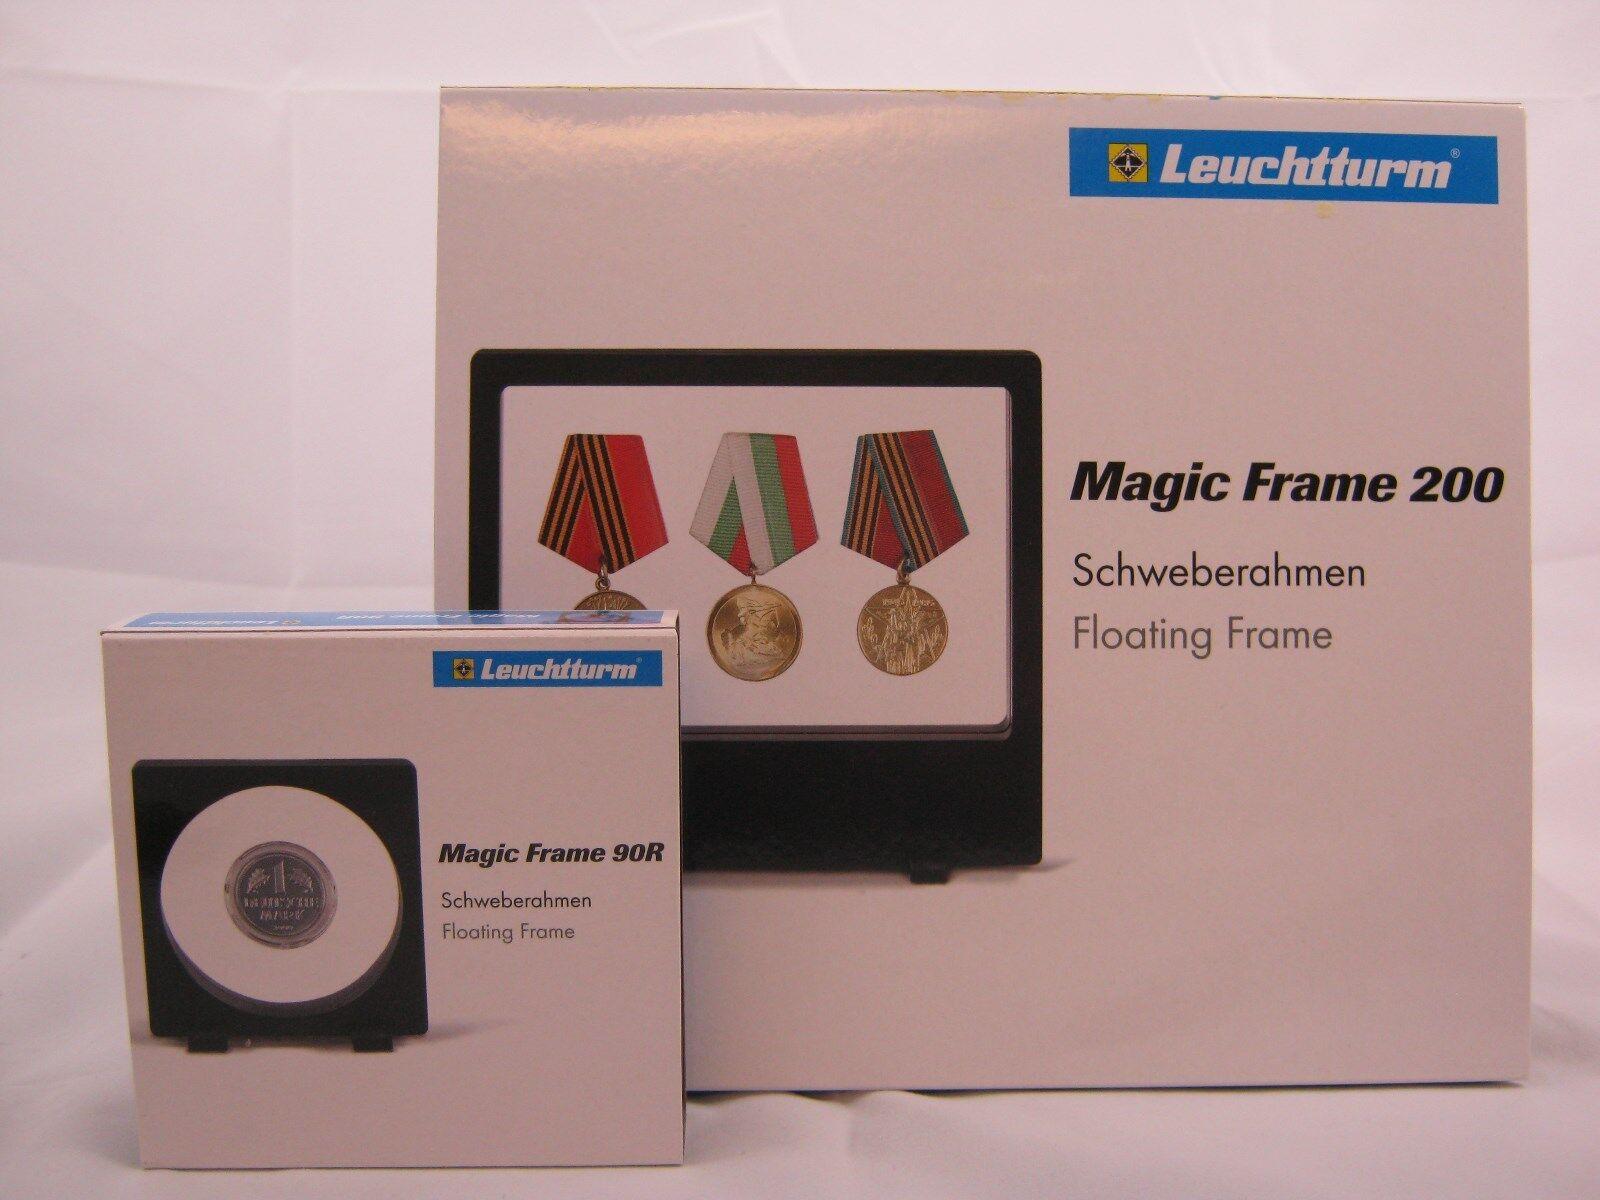 Leuchtturm Schweberahmen Magic Frame für Münzen, Mineralien etc., versch. Mod.